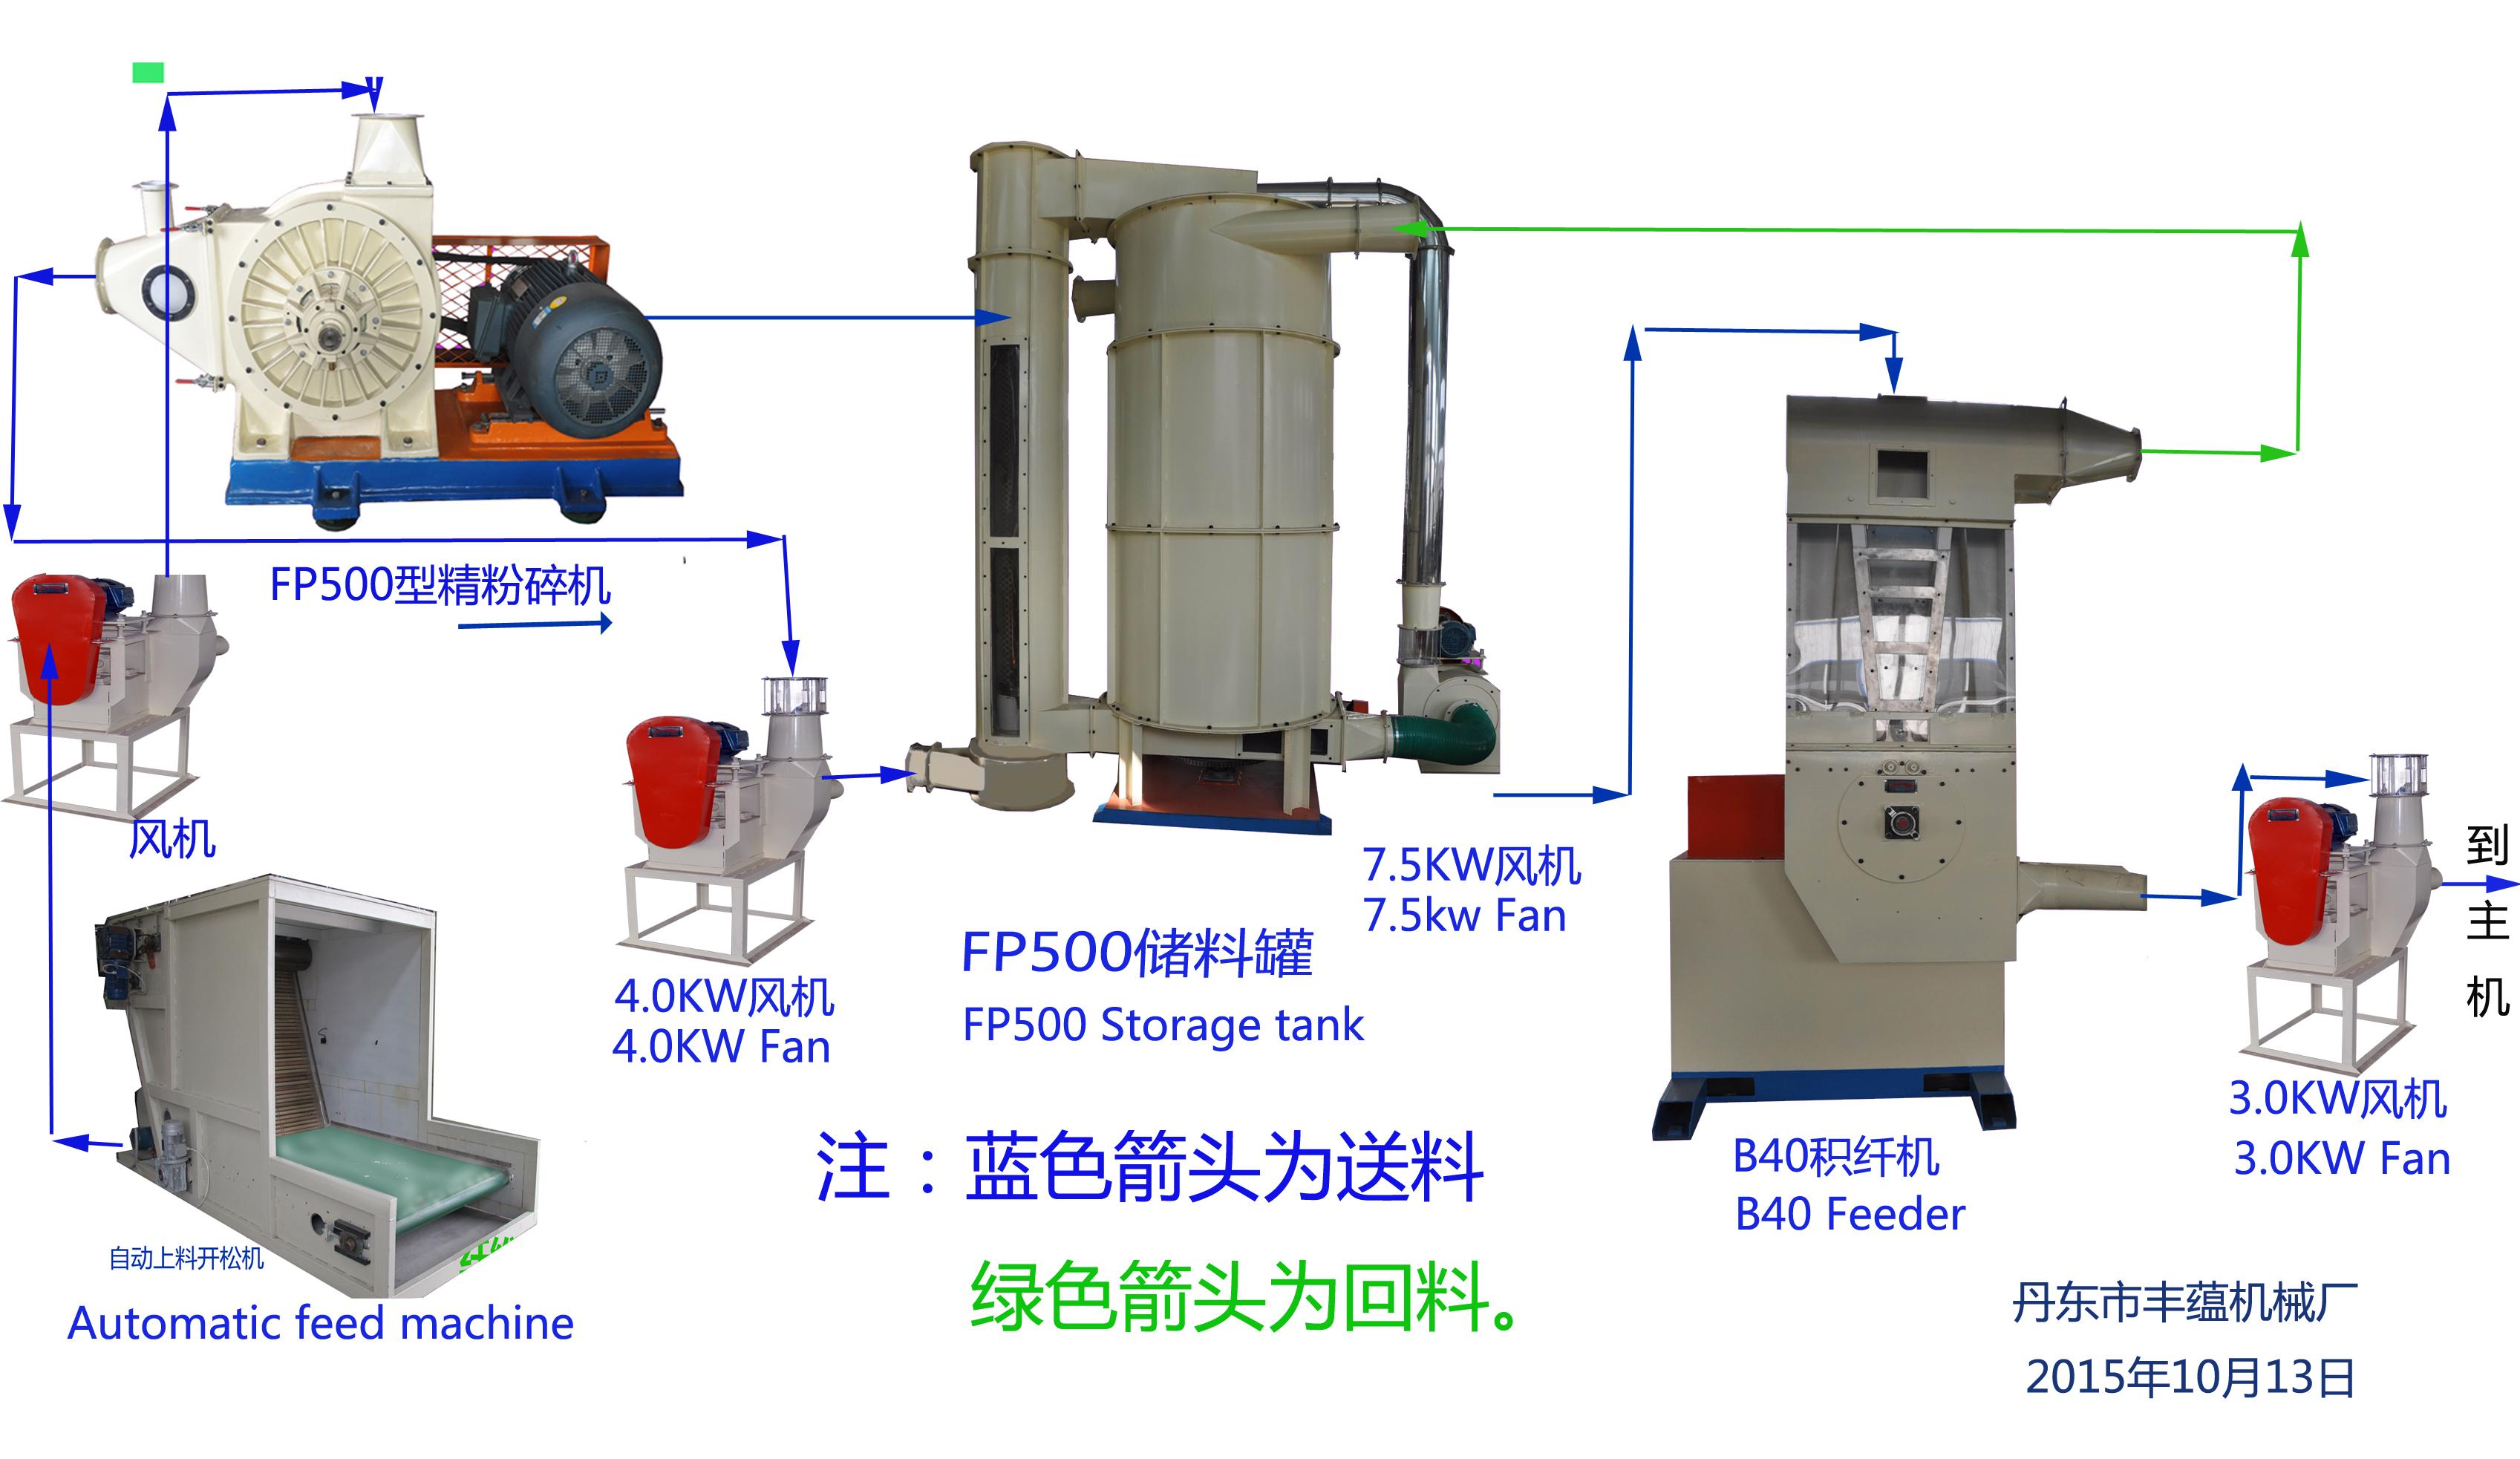 散木浆/短纤维自动供料系统